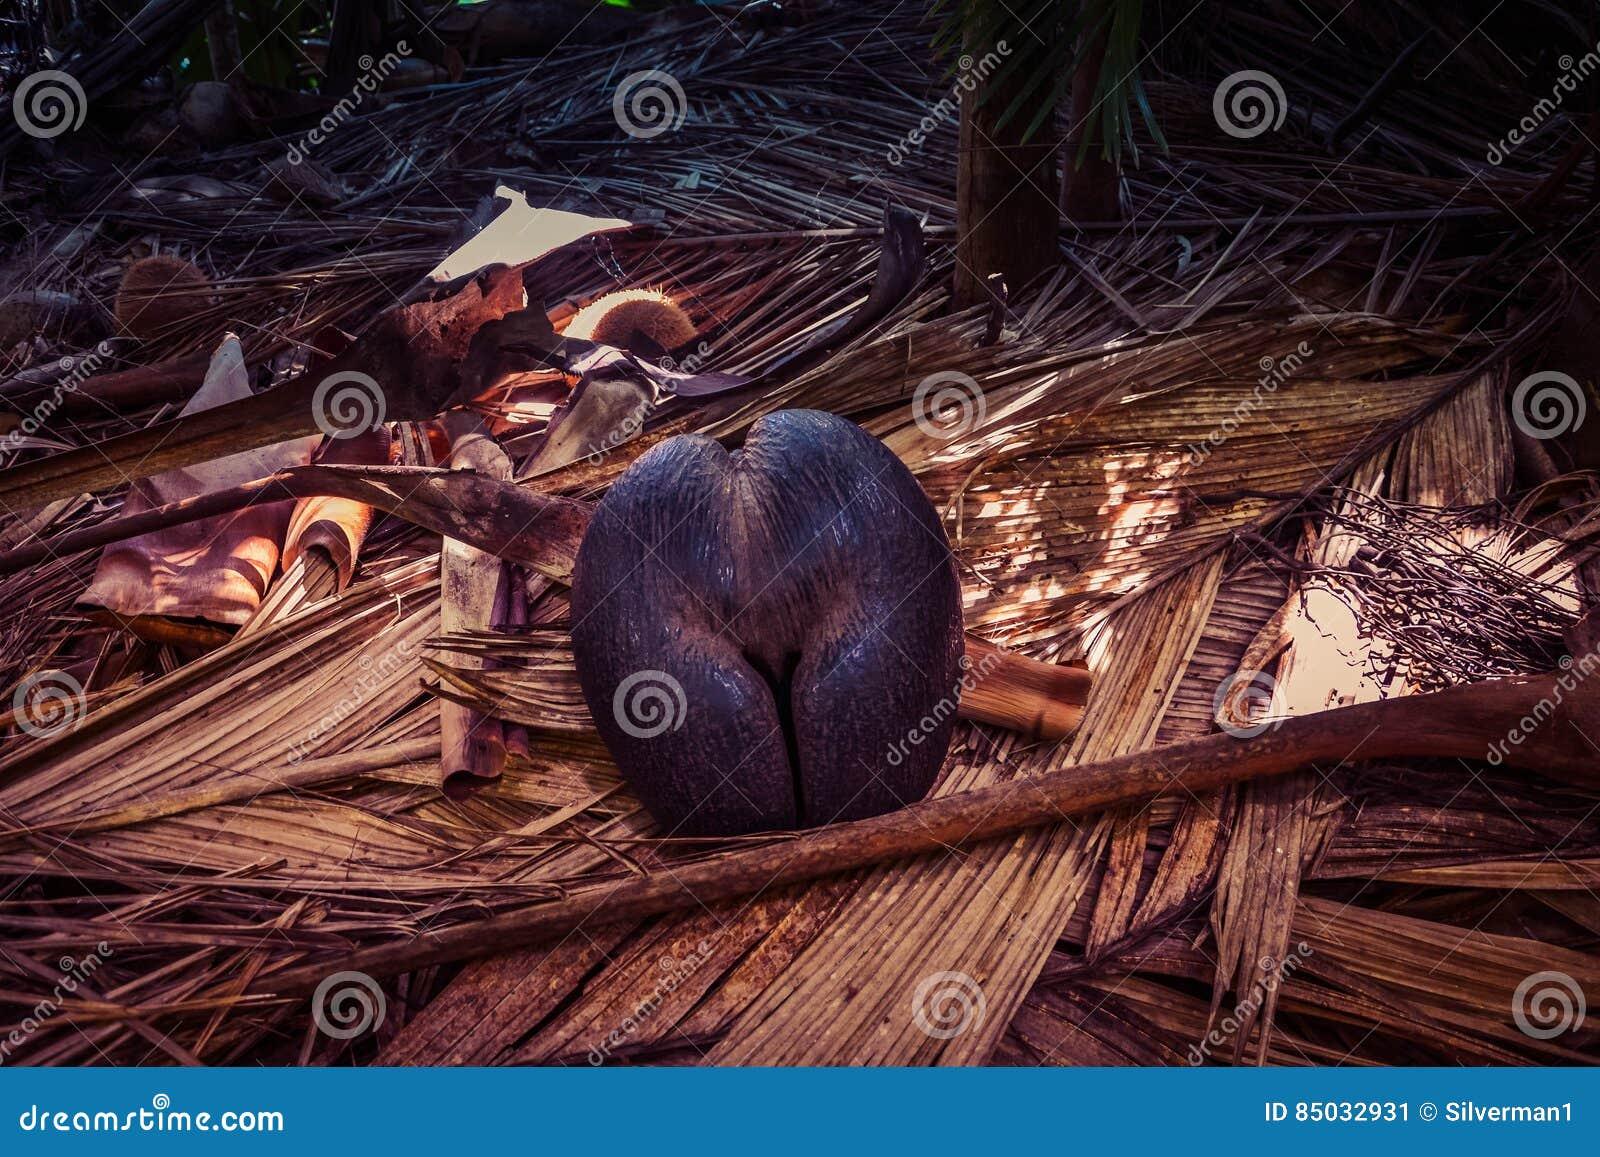 Ενδημική coco de mer καρύδα θάλασσας στις Σεϋχέλλες